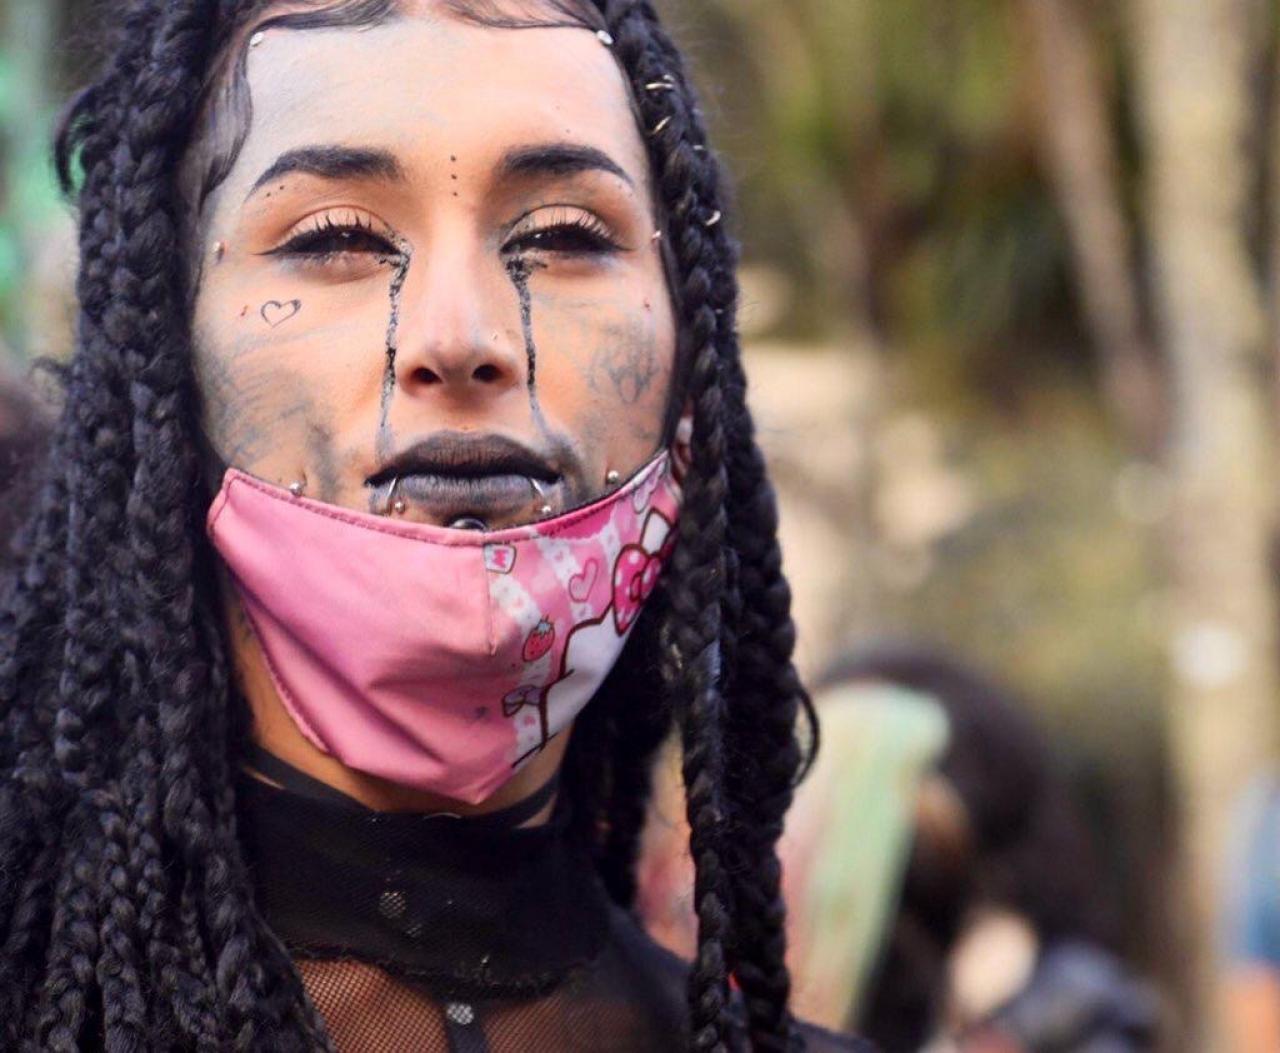 La violencia por prejuicio en las mujeres transgénero